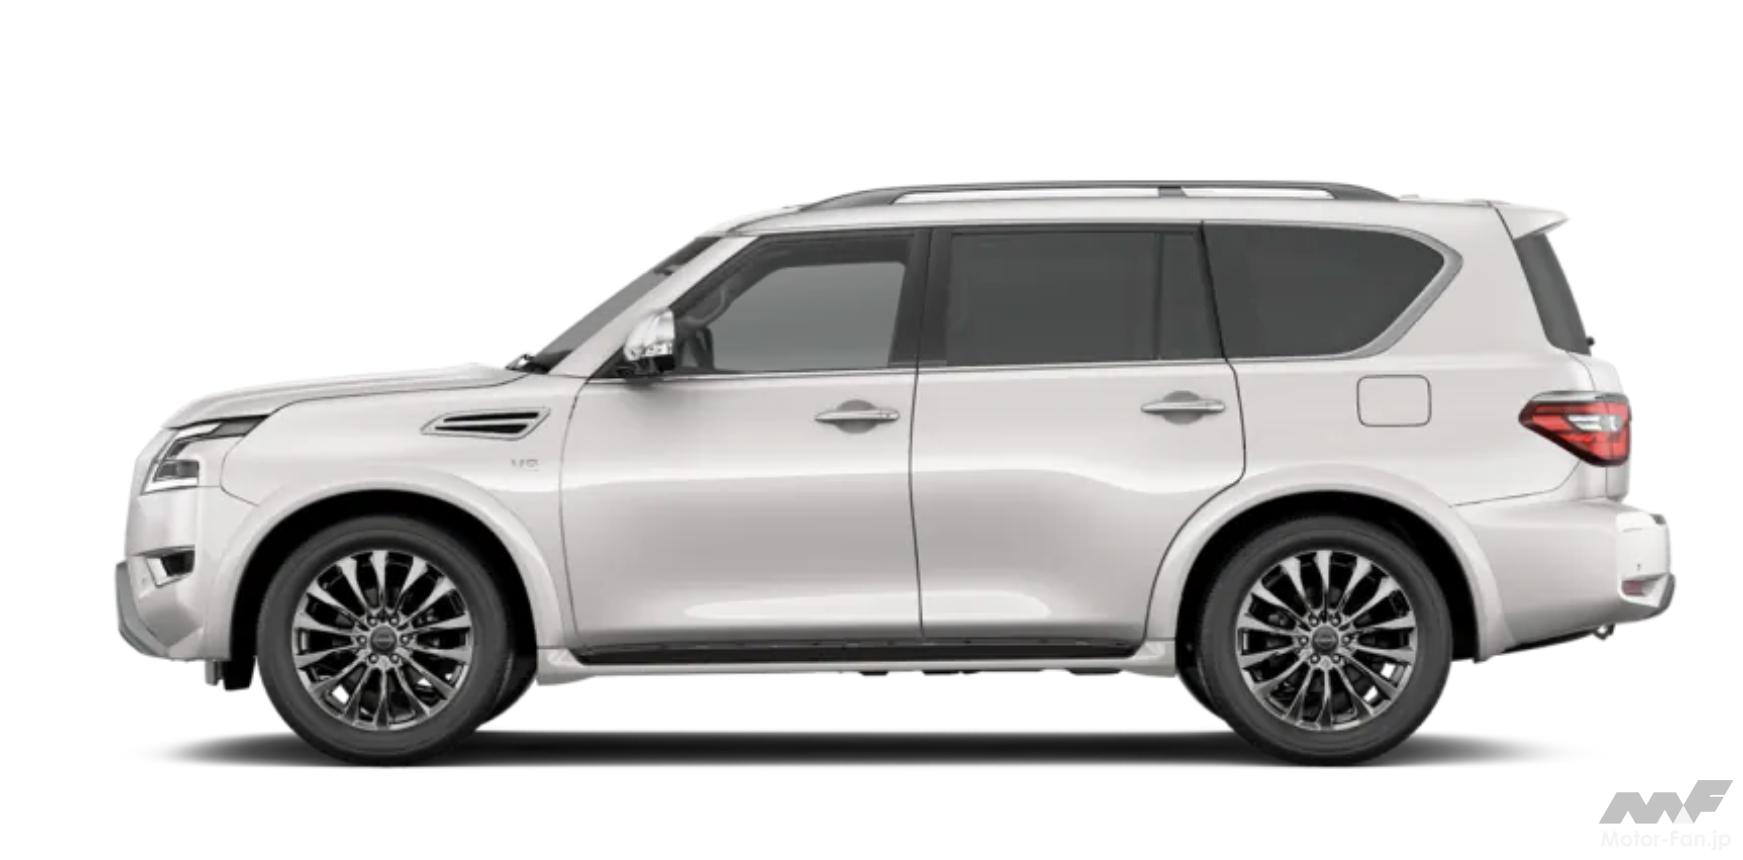 「日産SUV全14モデル マグナイト、キックス、エクストレイルから全長5.3m超のパトロールまで多彩な顔ぶれ」の39枚目の画像